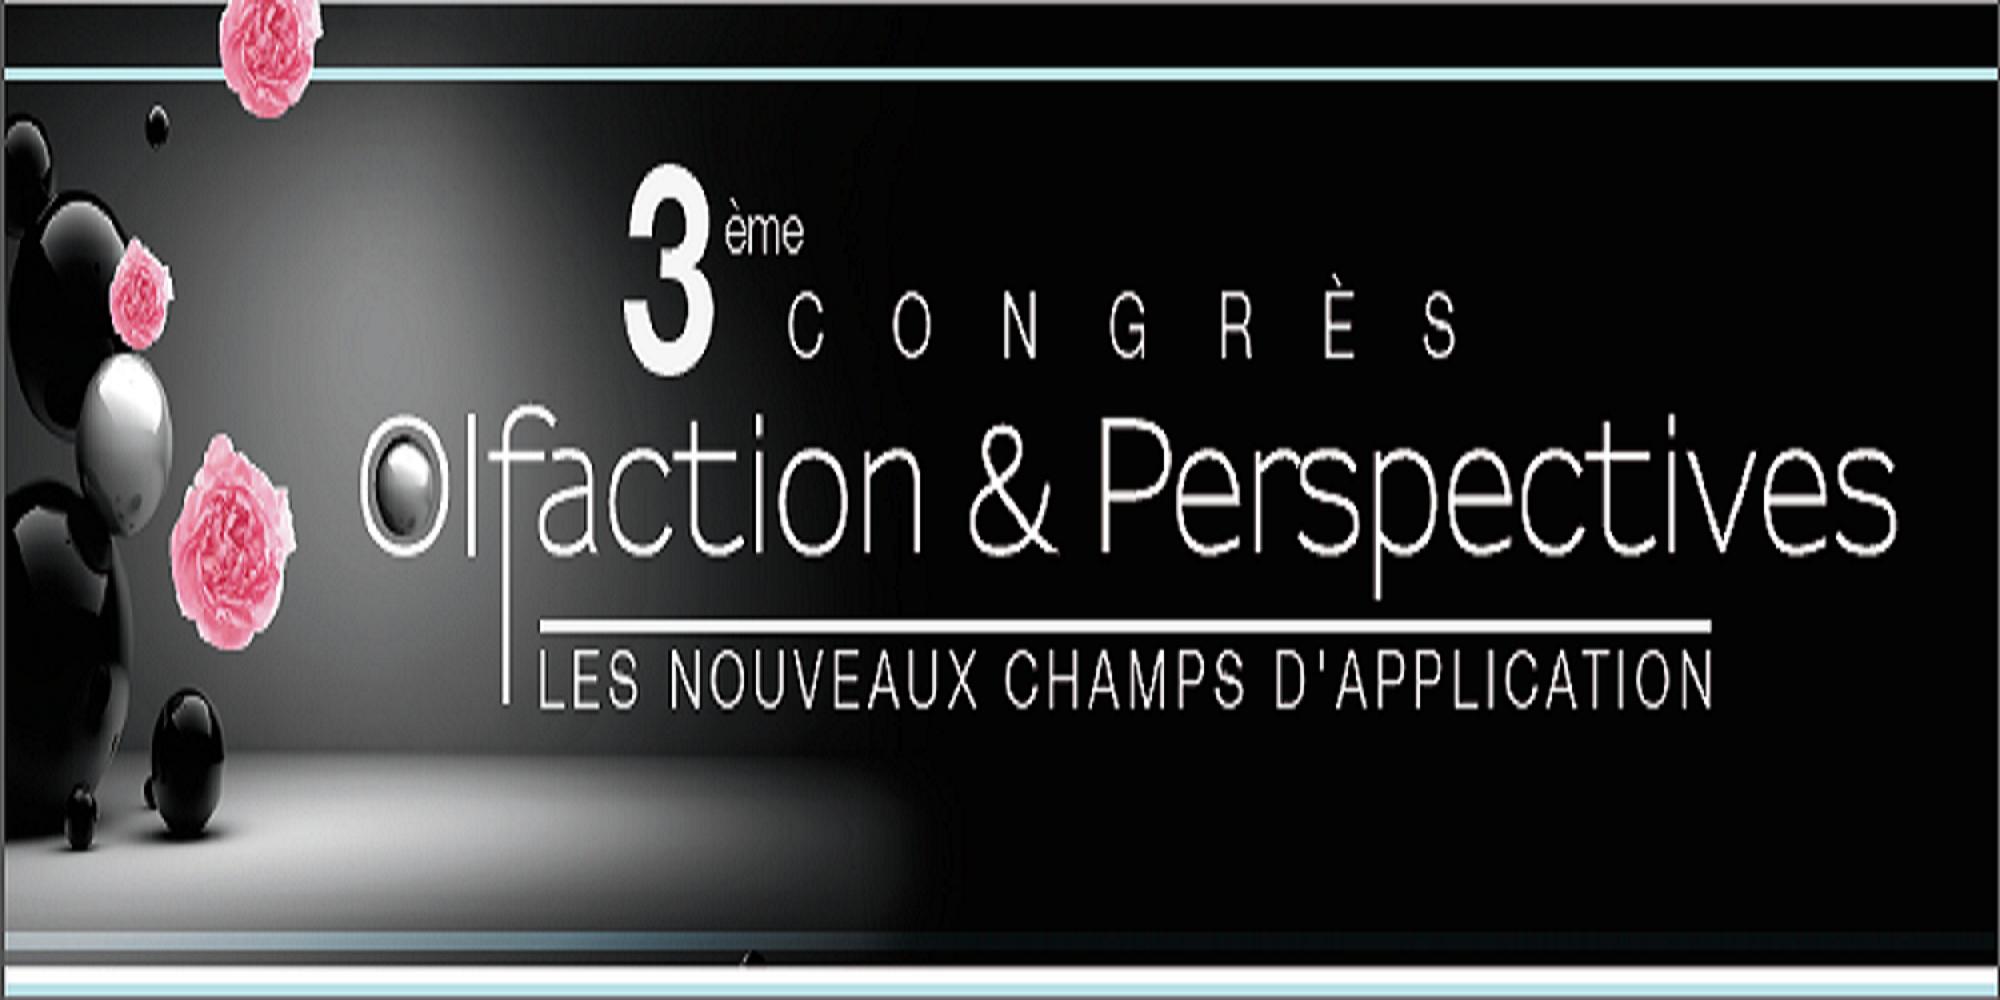 3ème Congrès Olfaction & Perspectives: les nouveaux champs d'application